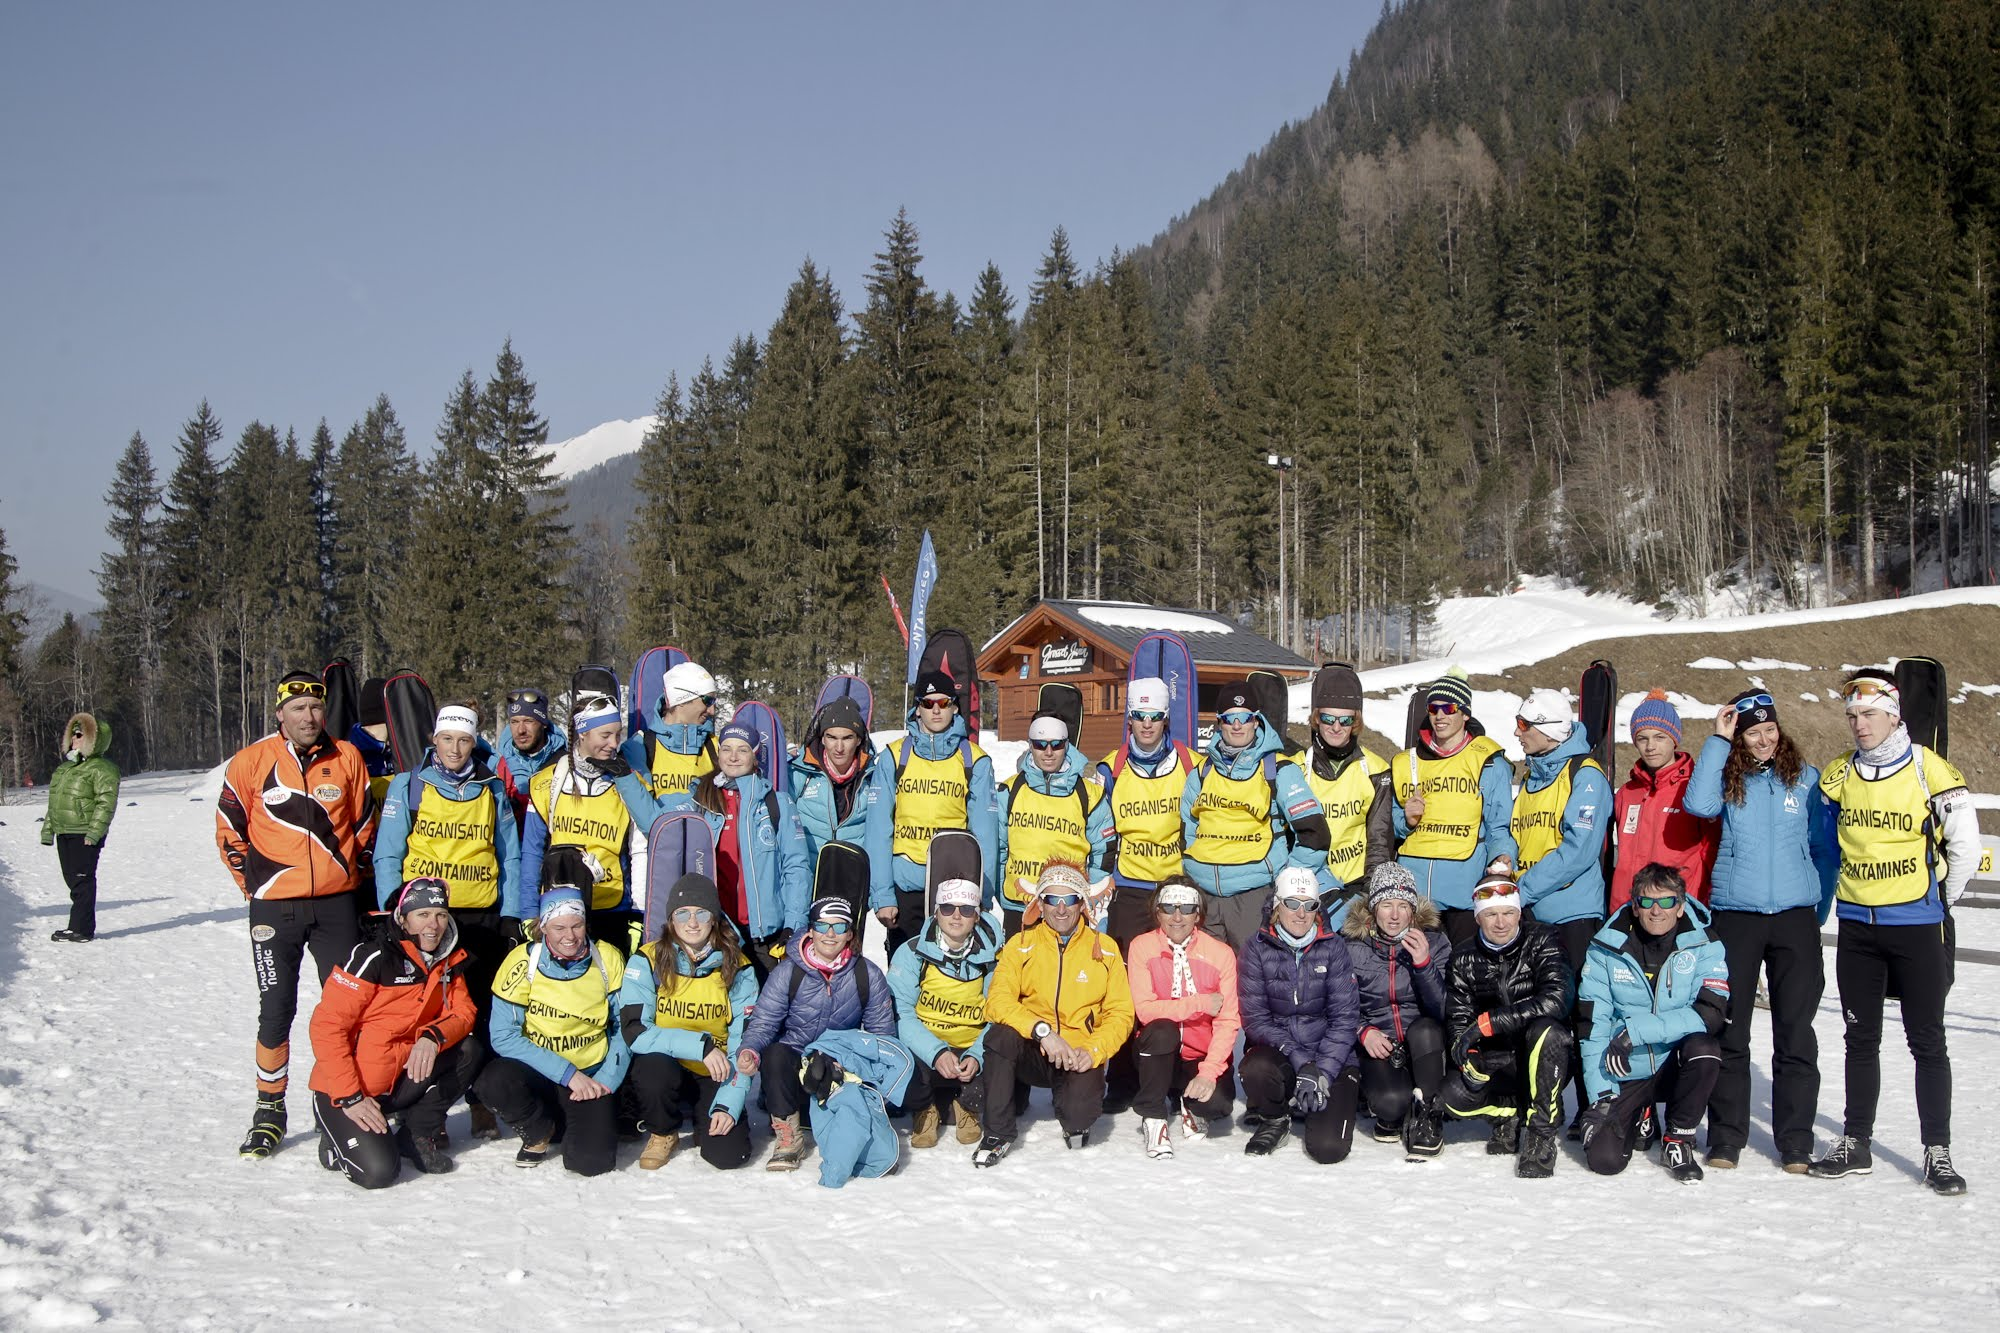 180224-BiathlonImpulse-Contamines-117